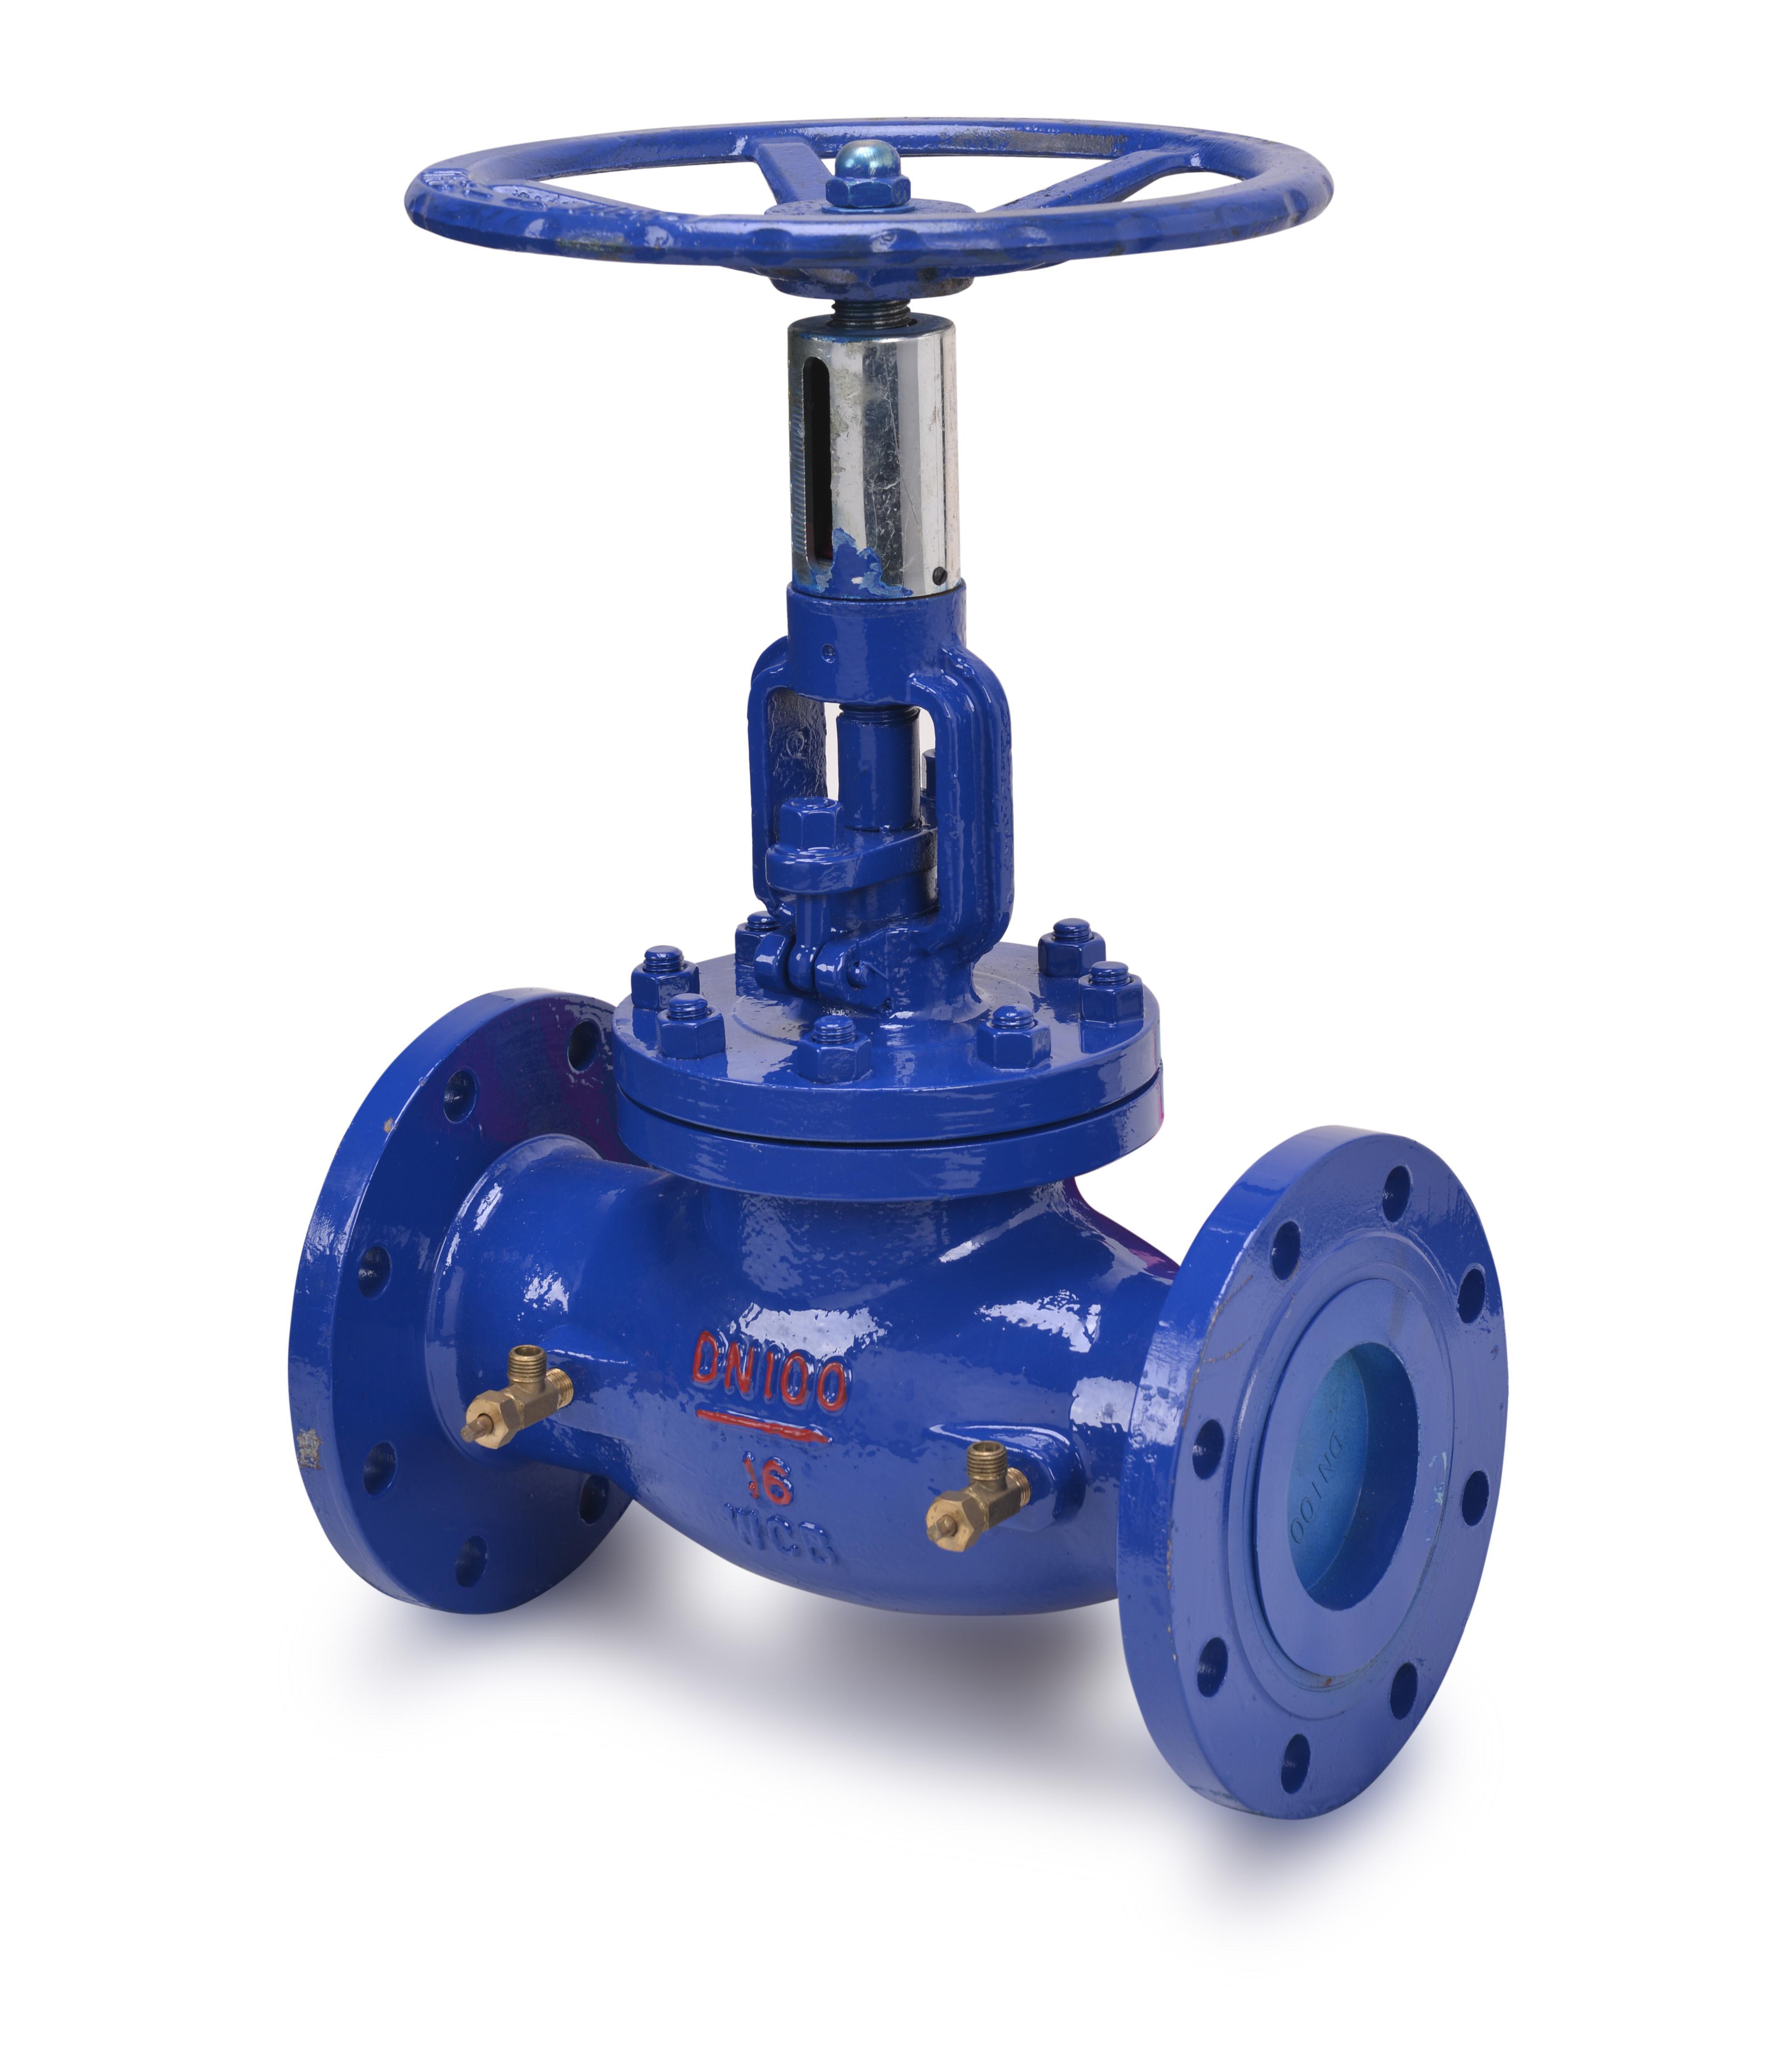 珀蓝特KPF 16流量平衡阀 水力平衡阀 联系珀蓝特 400 999 7236